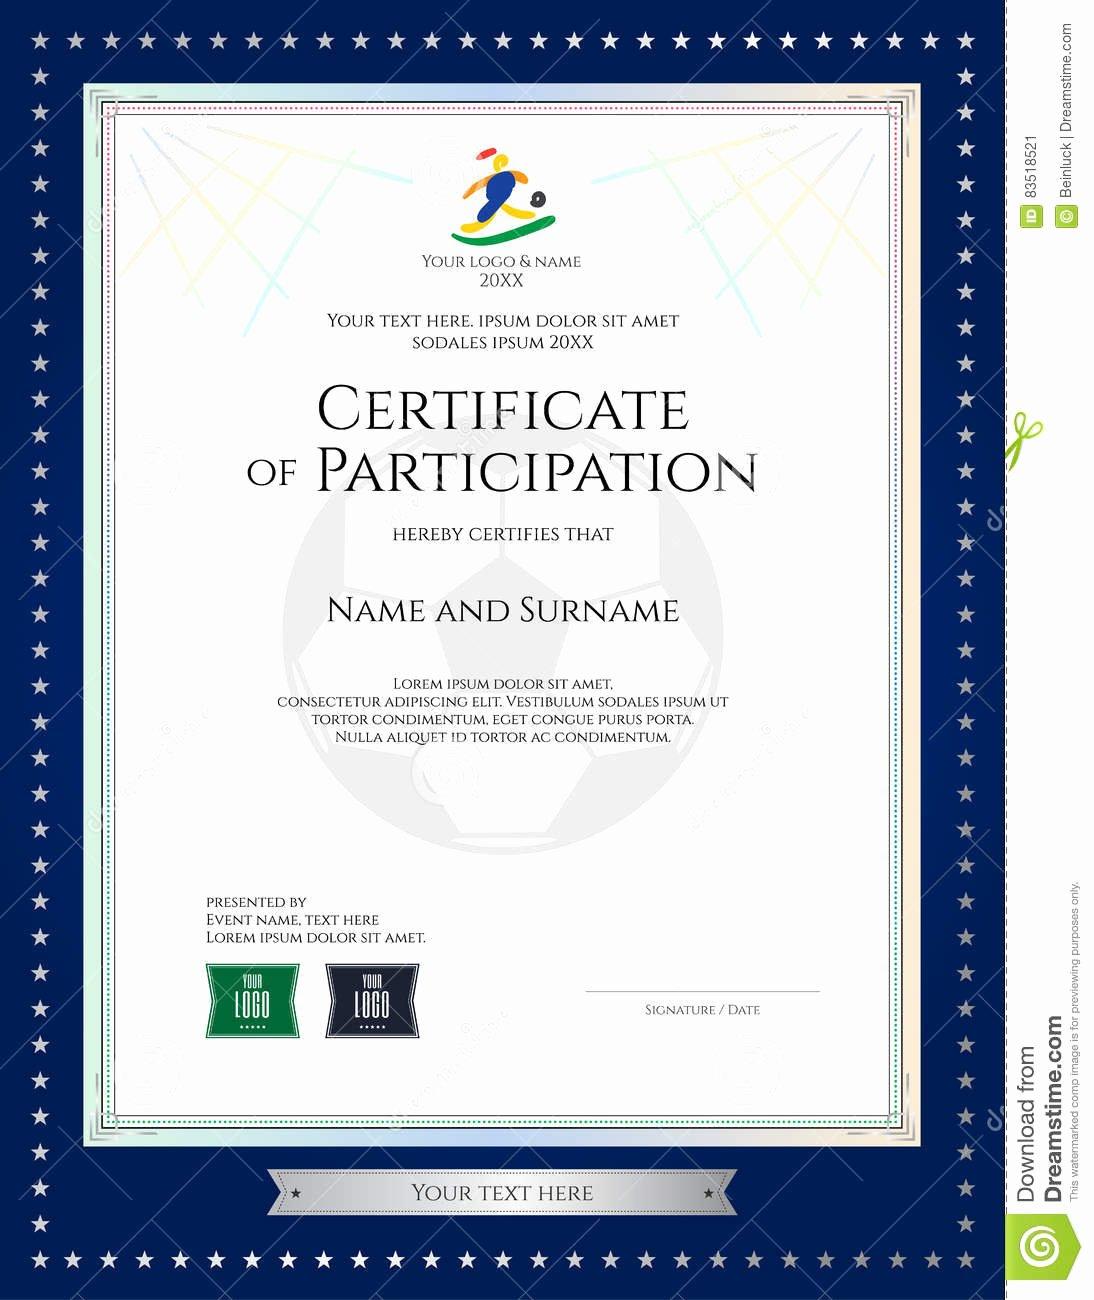 Dealer Participation Certification form Inspirational Certificate Participation Template In Sport theme